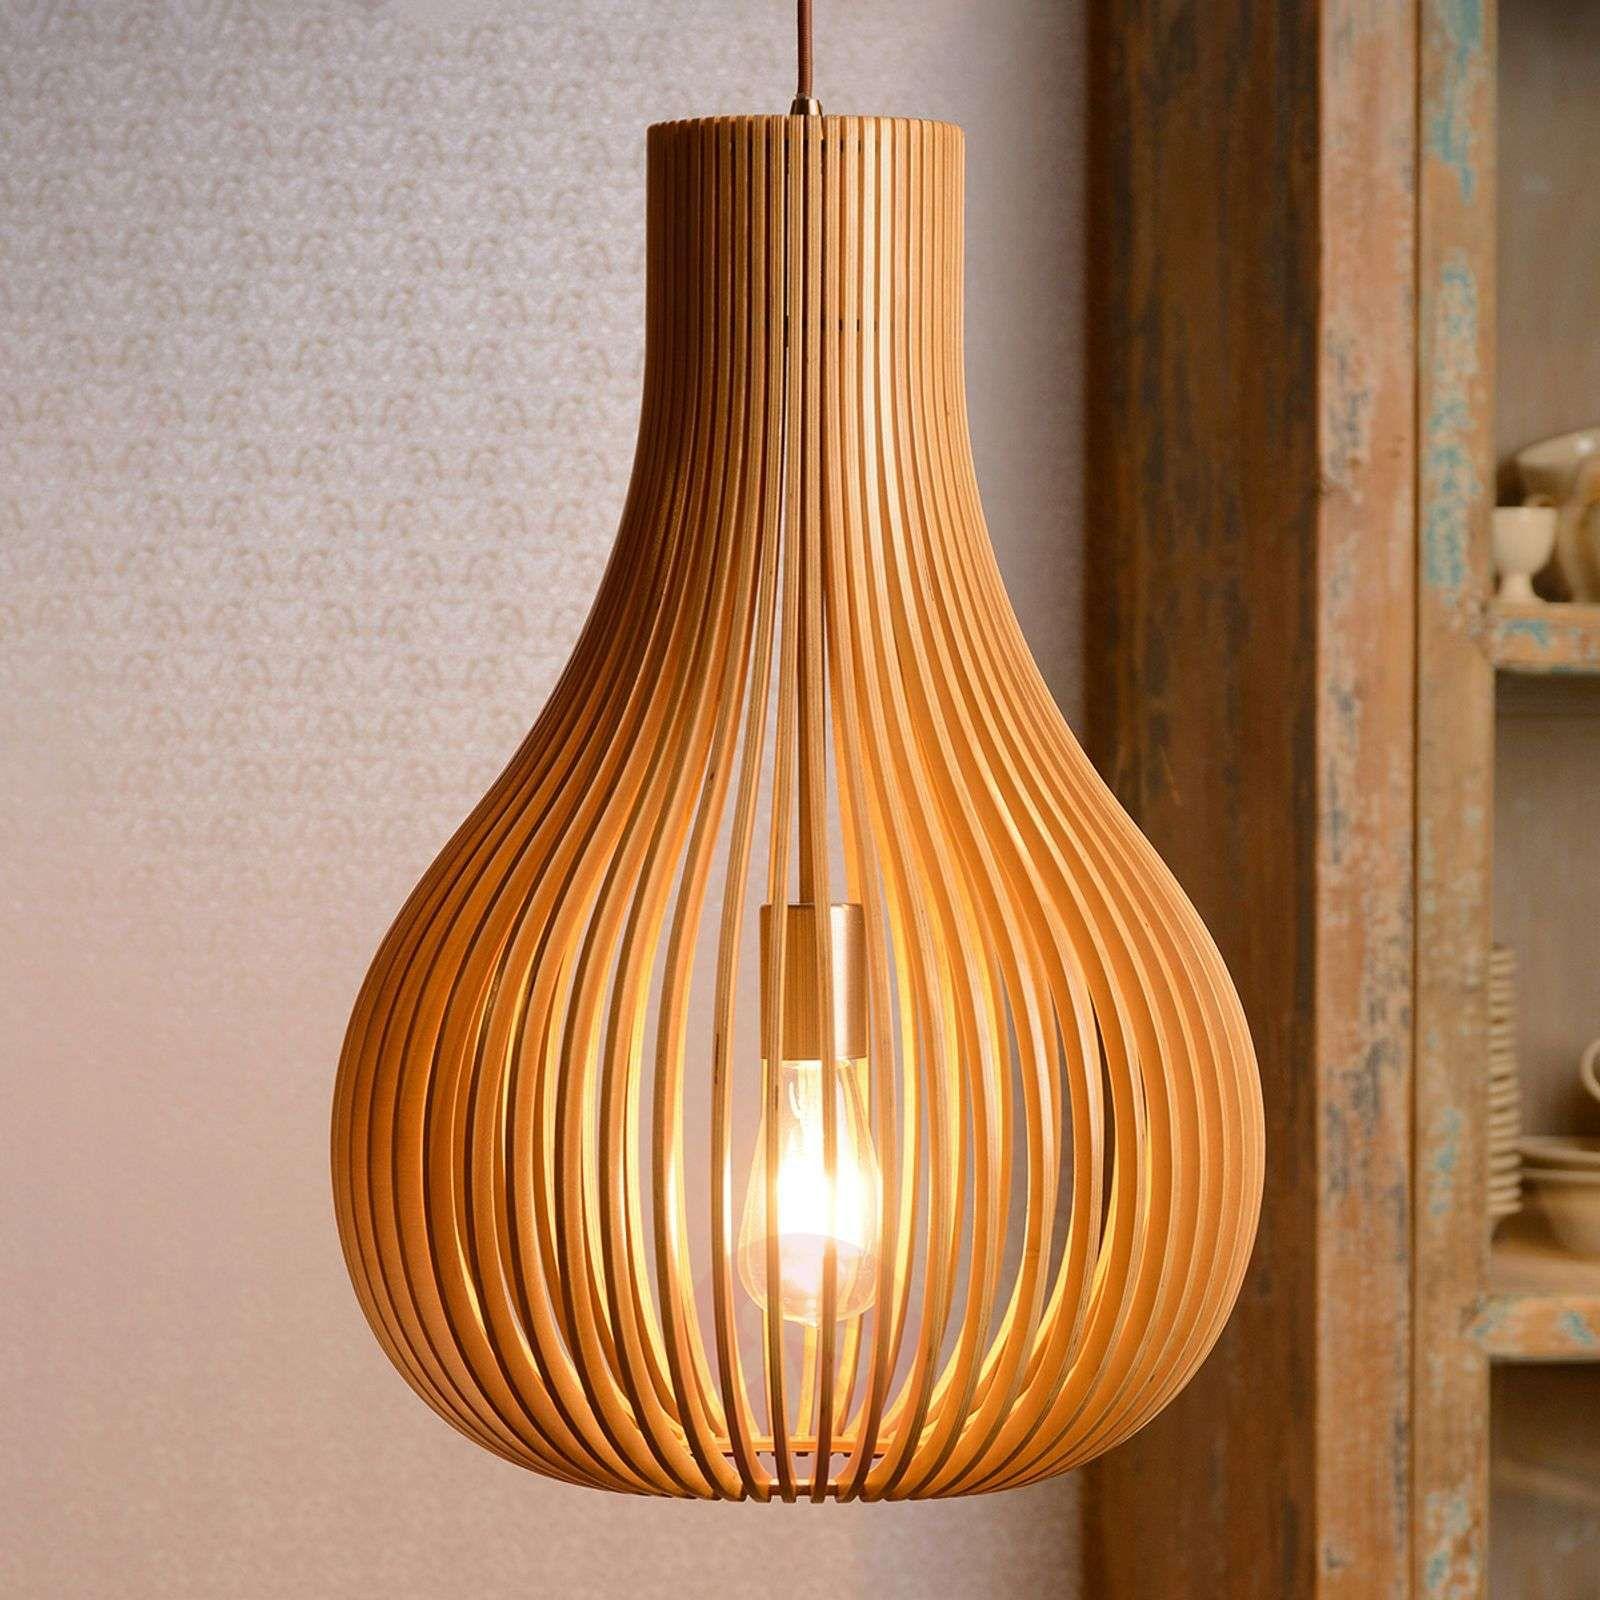 lampy wiszące długie z drewnem